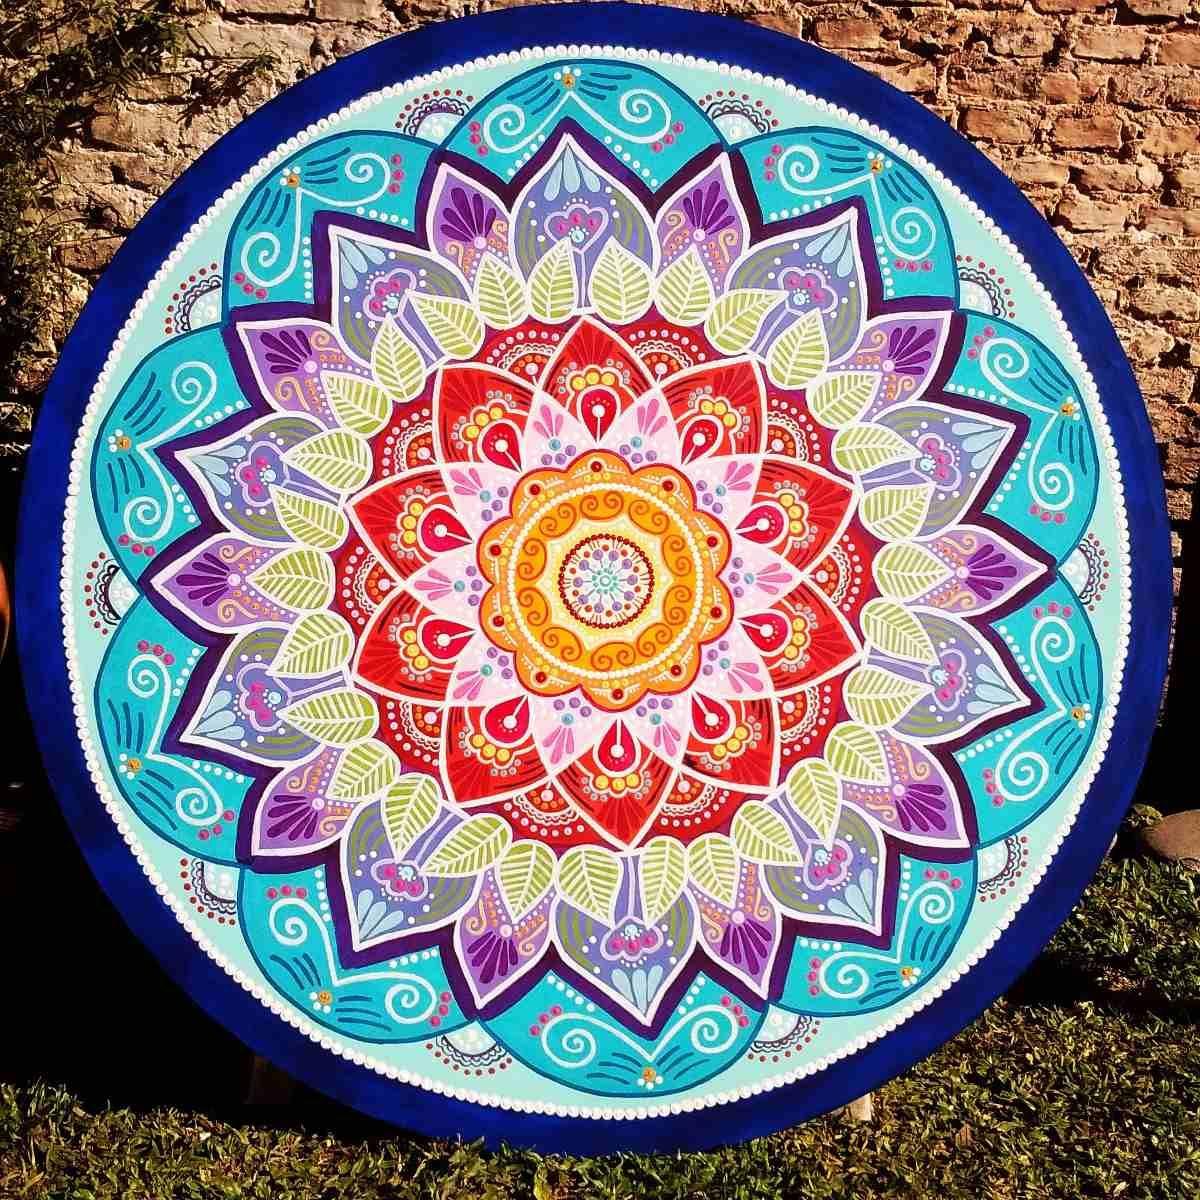 Cuadros De Mandalas Artesanales Pintados A Mano Unicos Pinterest